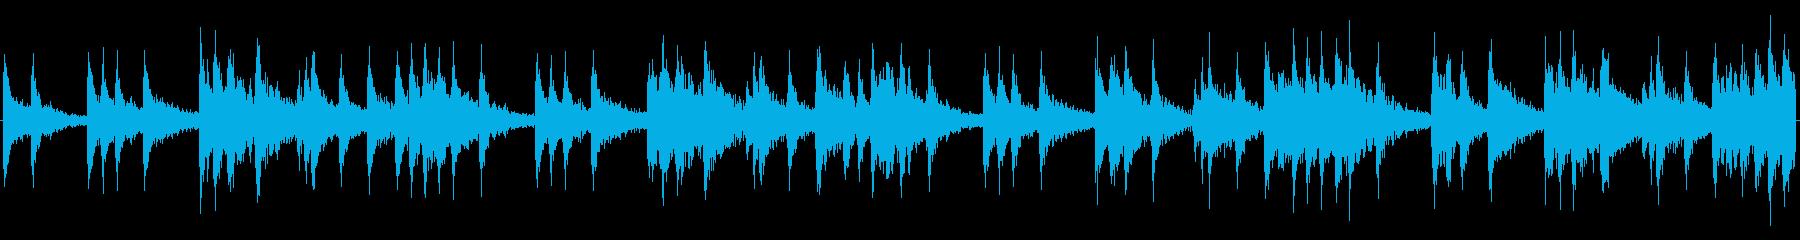 戦争、戦闘向けマーチ スネア ループ版の再生済みの波形